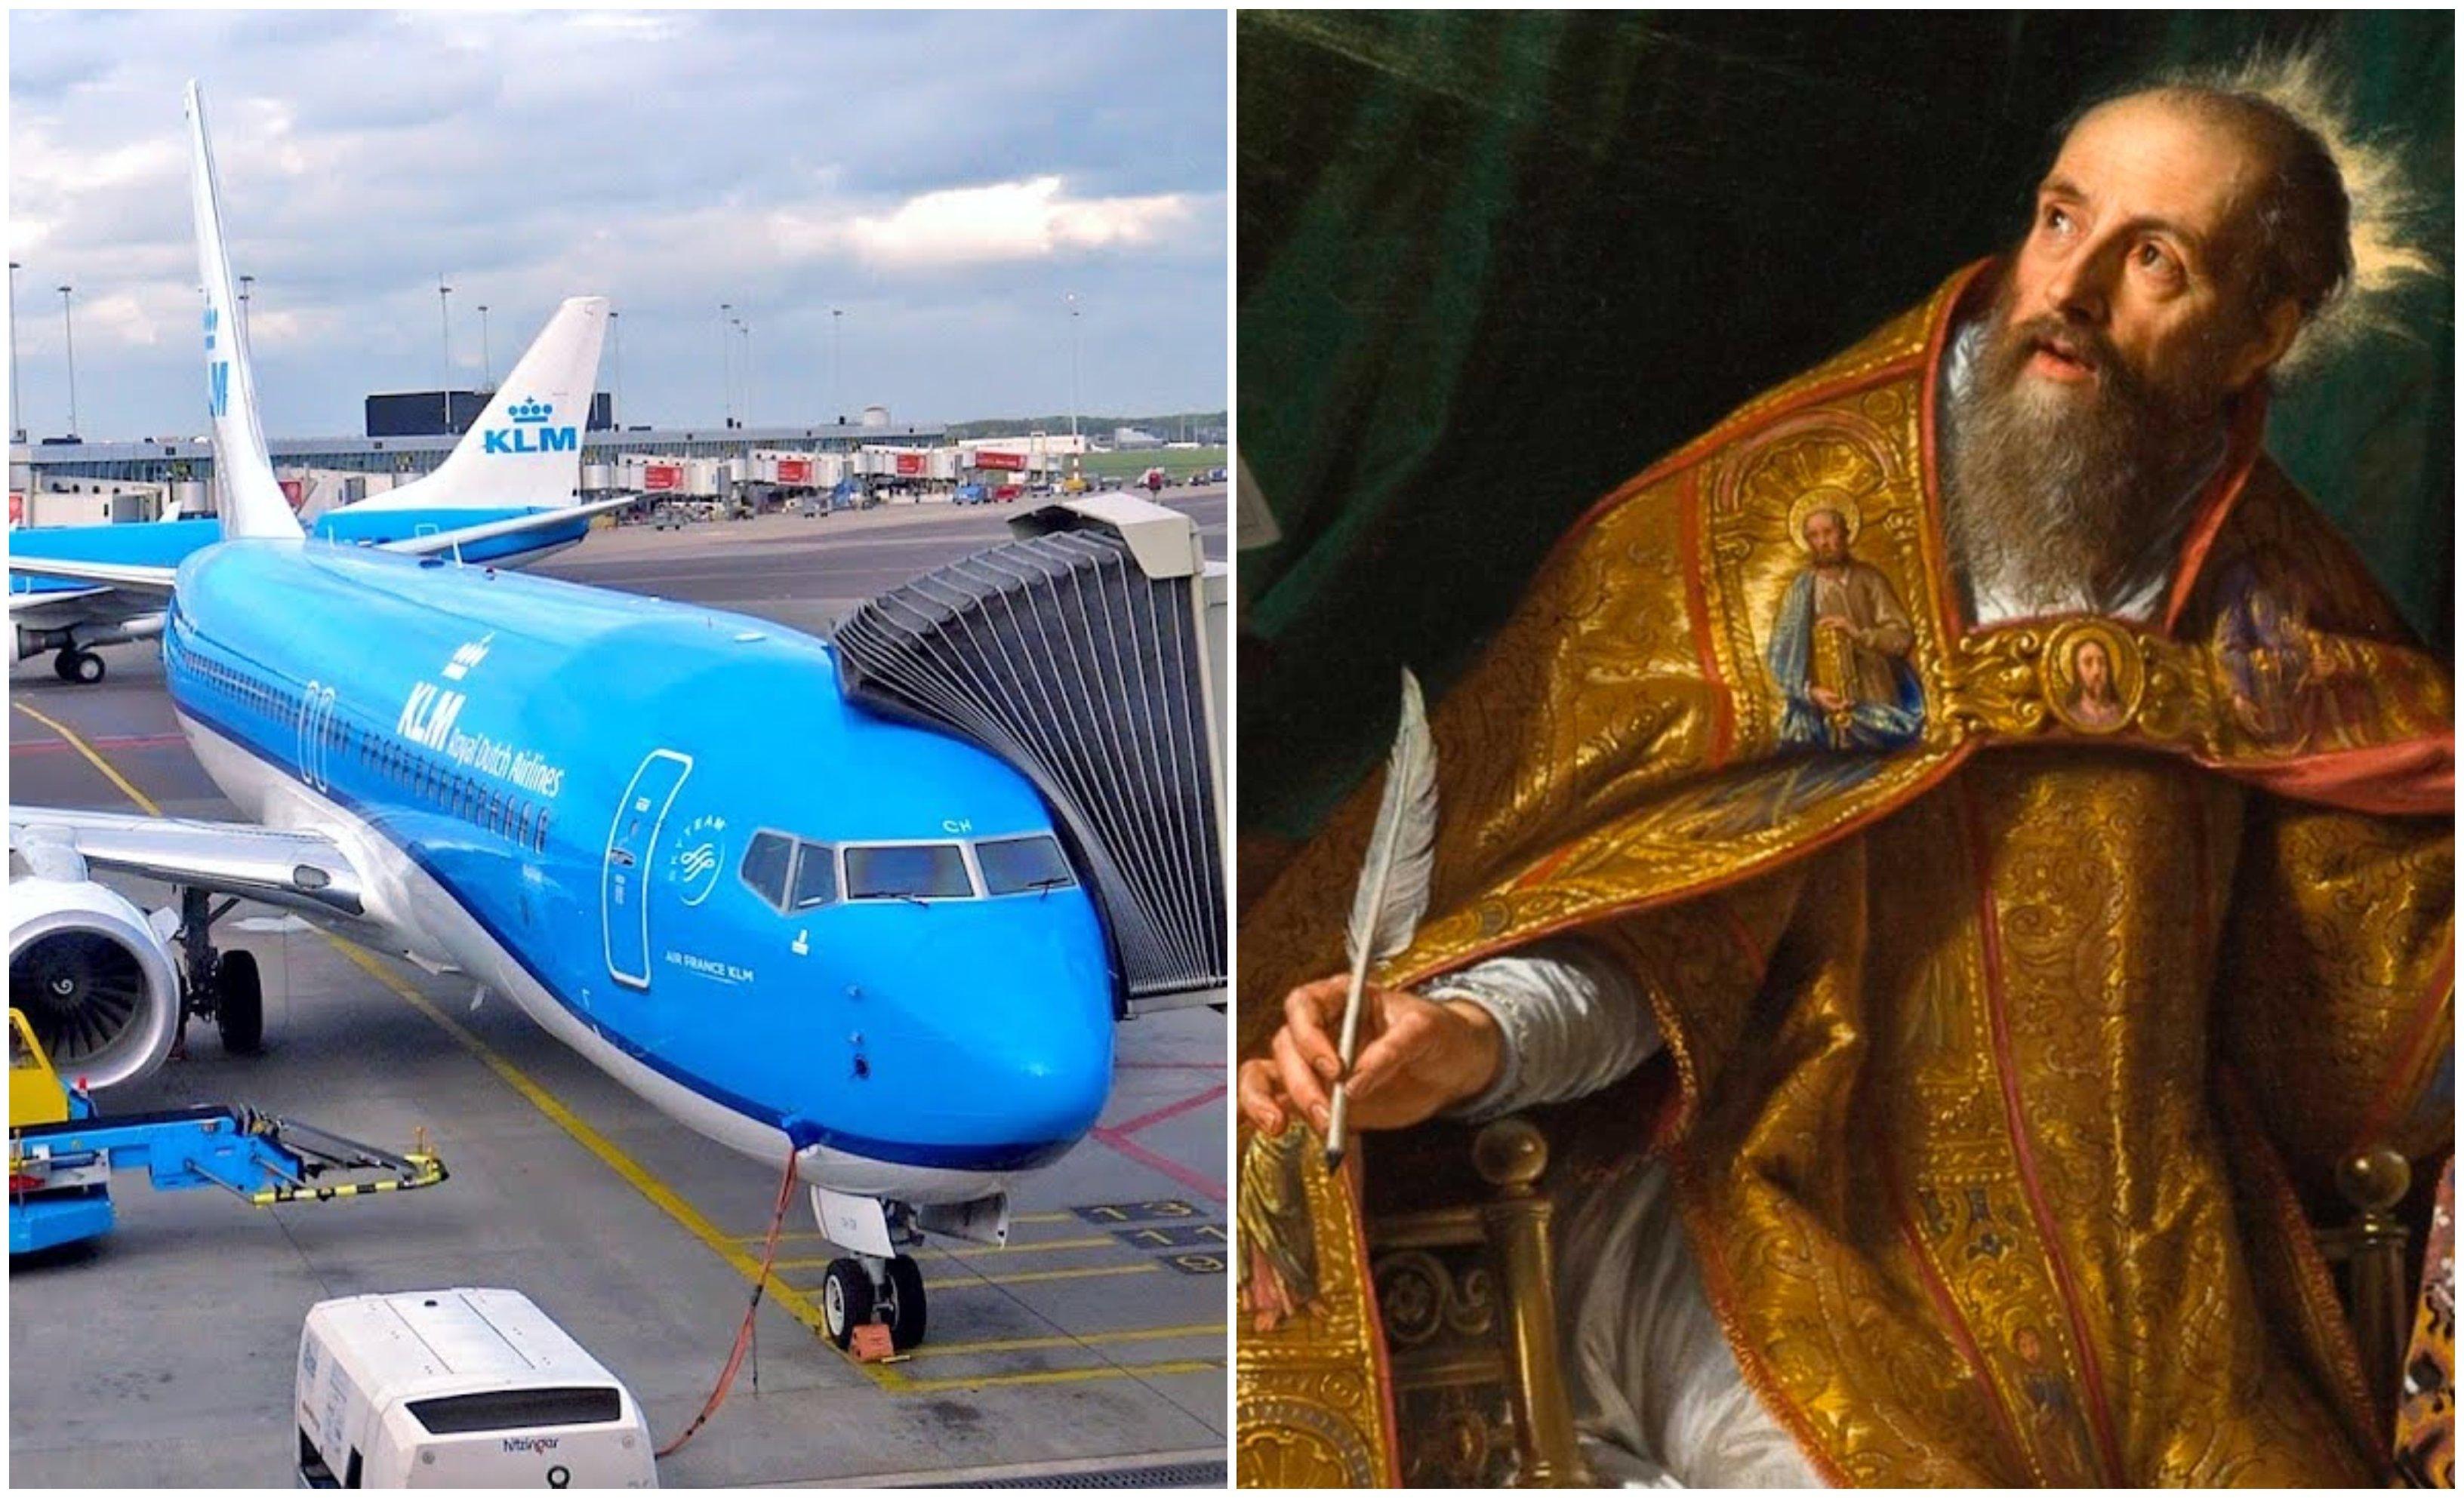 Me gusta más San Agustín que la aerolínea holandesa KLM y su suicidio masoca